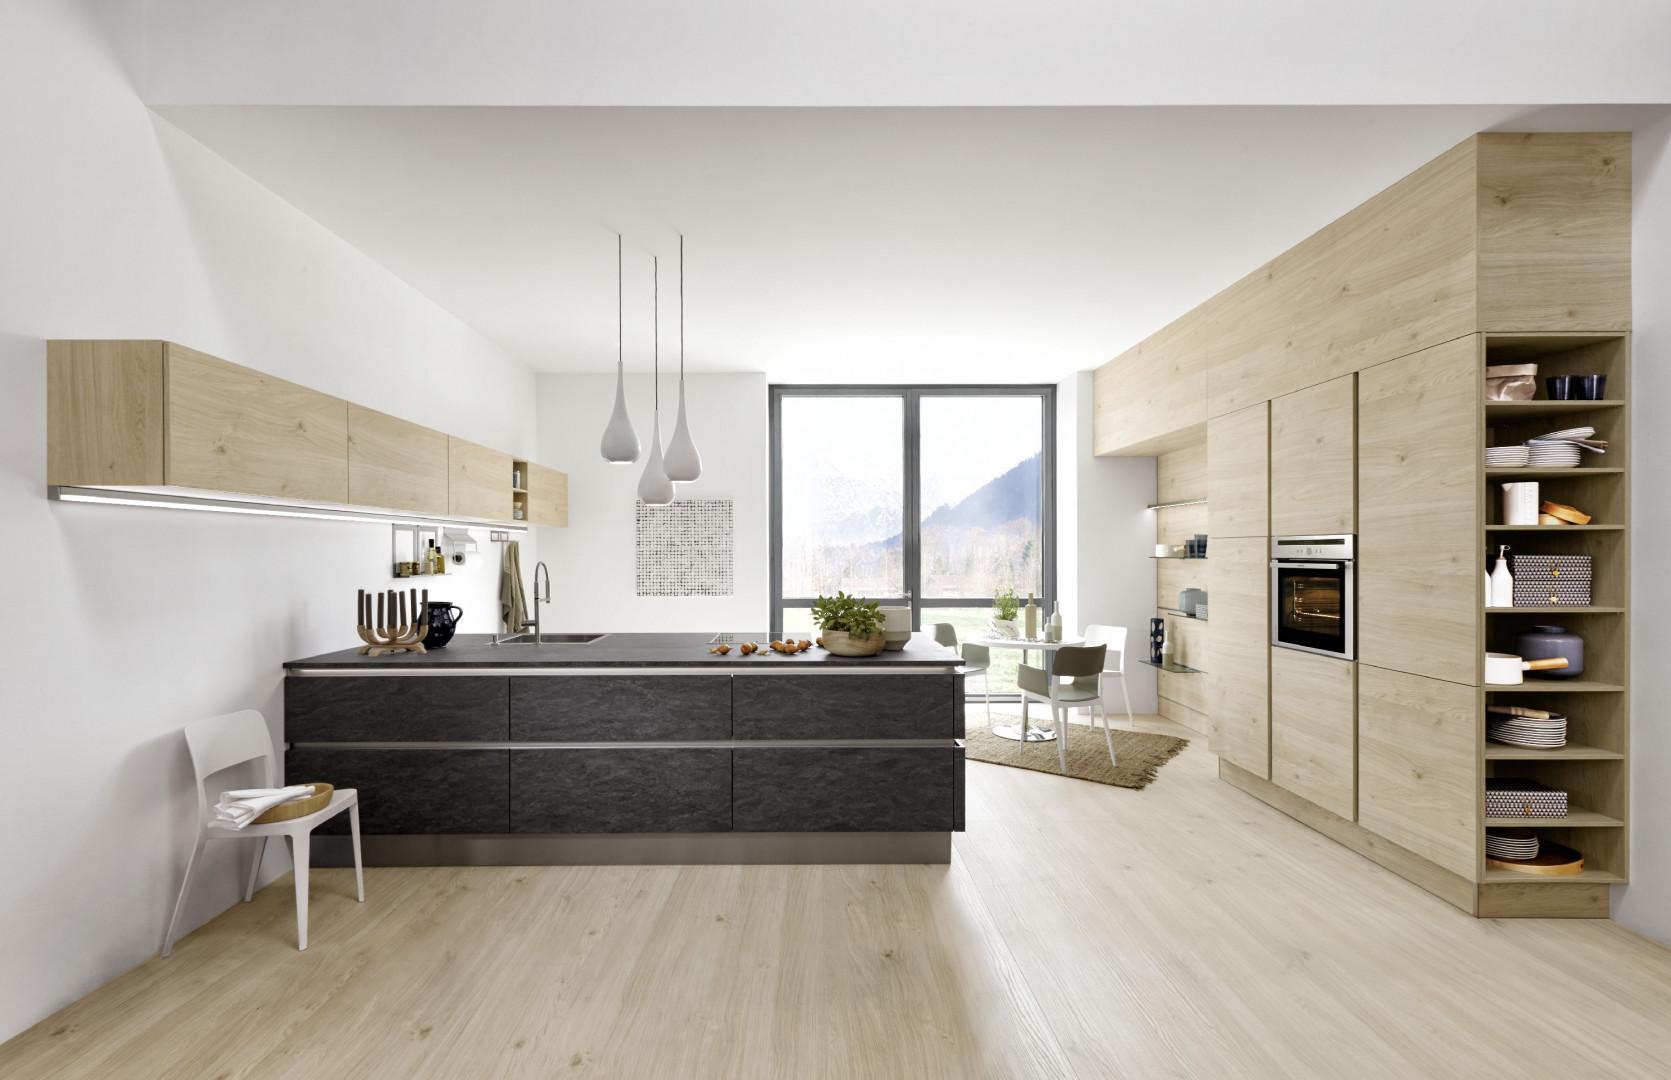 Nowoczesna, minimalistyczna kuchnia. Fot. Nolte